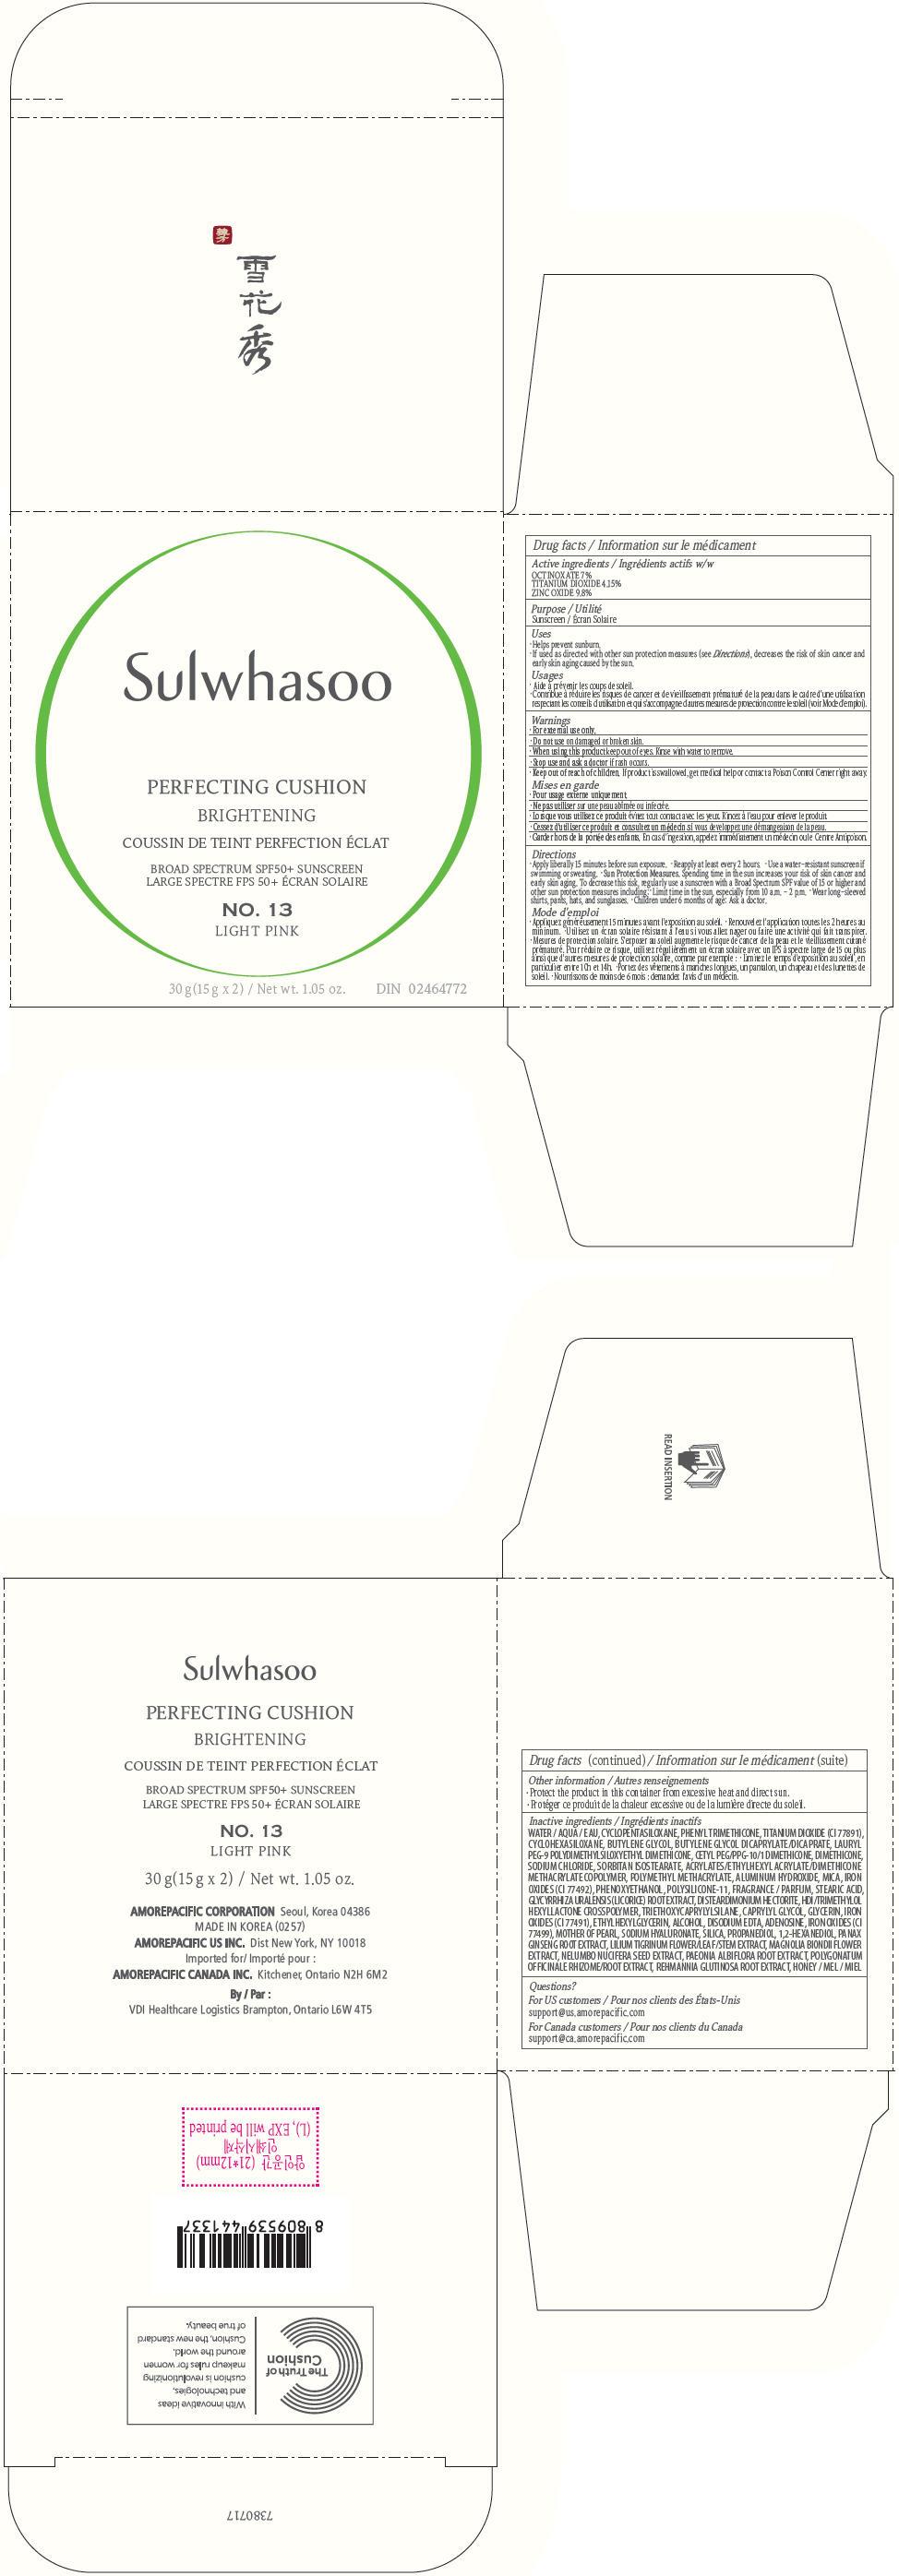 PRINCIPAL DISPLAY PANEL - 30 g Container Carton - NO. 13 LIGHT PINK